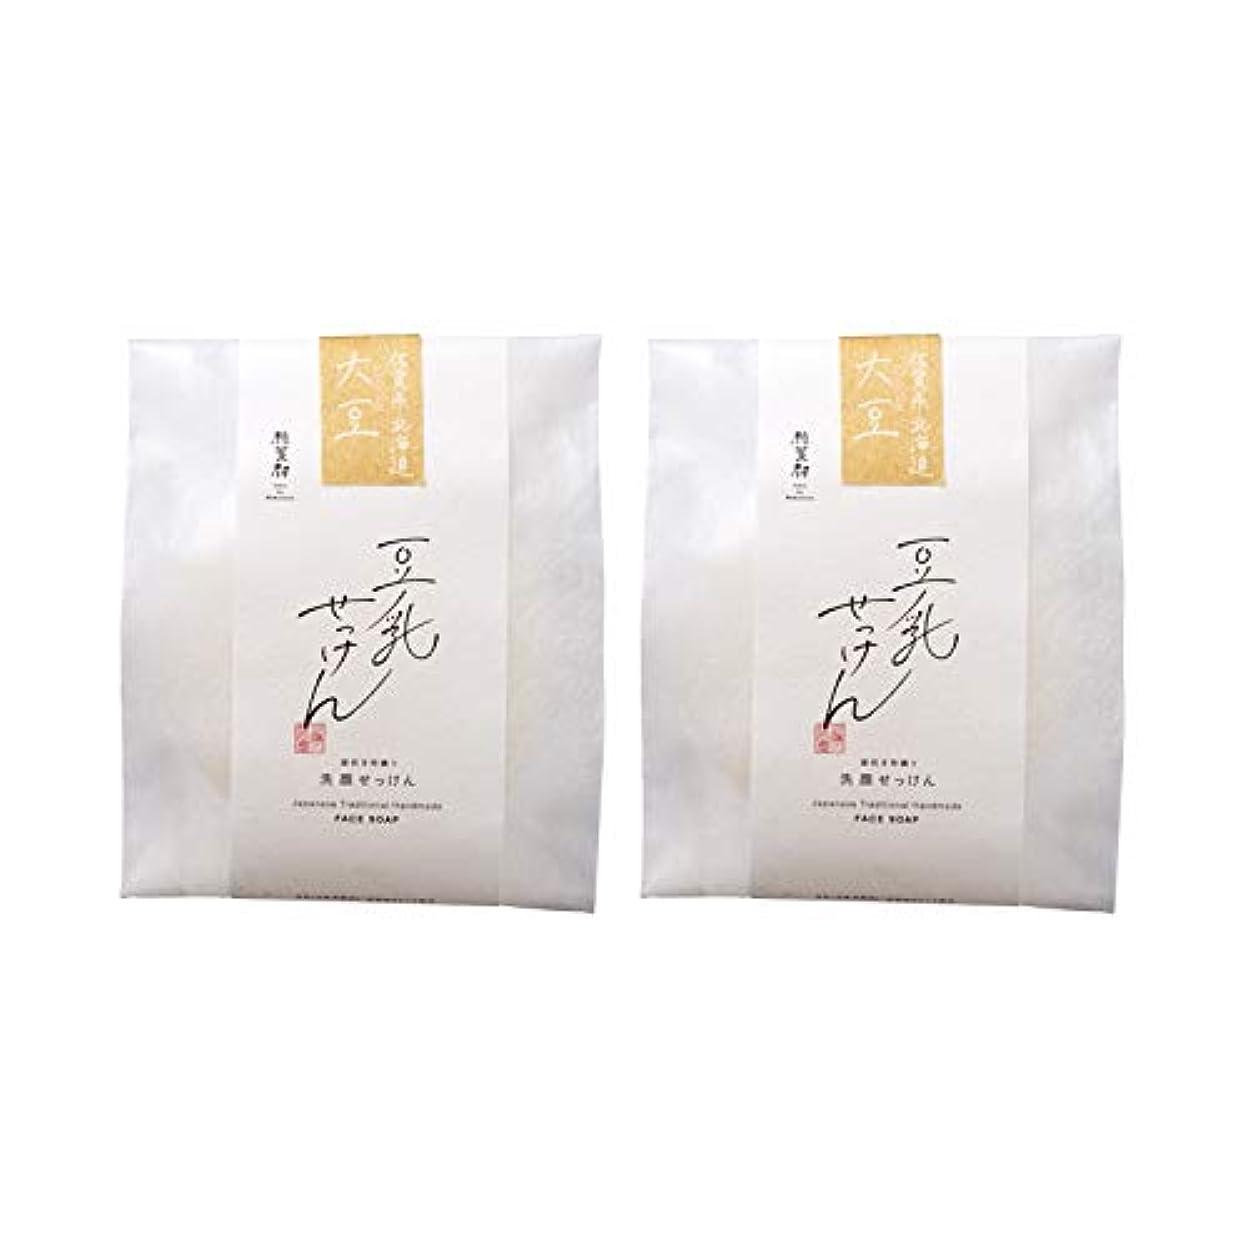 公式衣服立証する豆腐の盛田屋 豆乳せっけん 自然生活 100g×2個セット